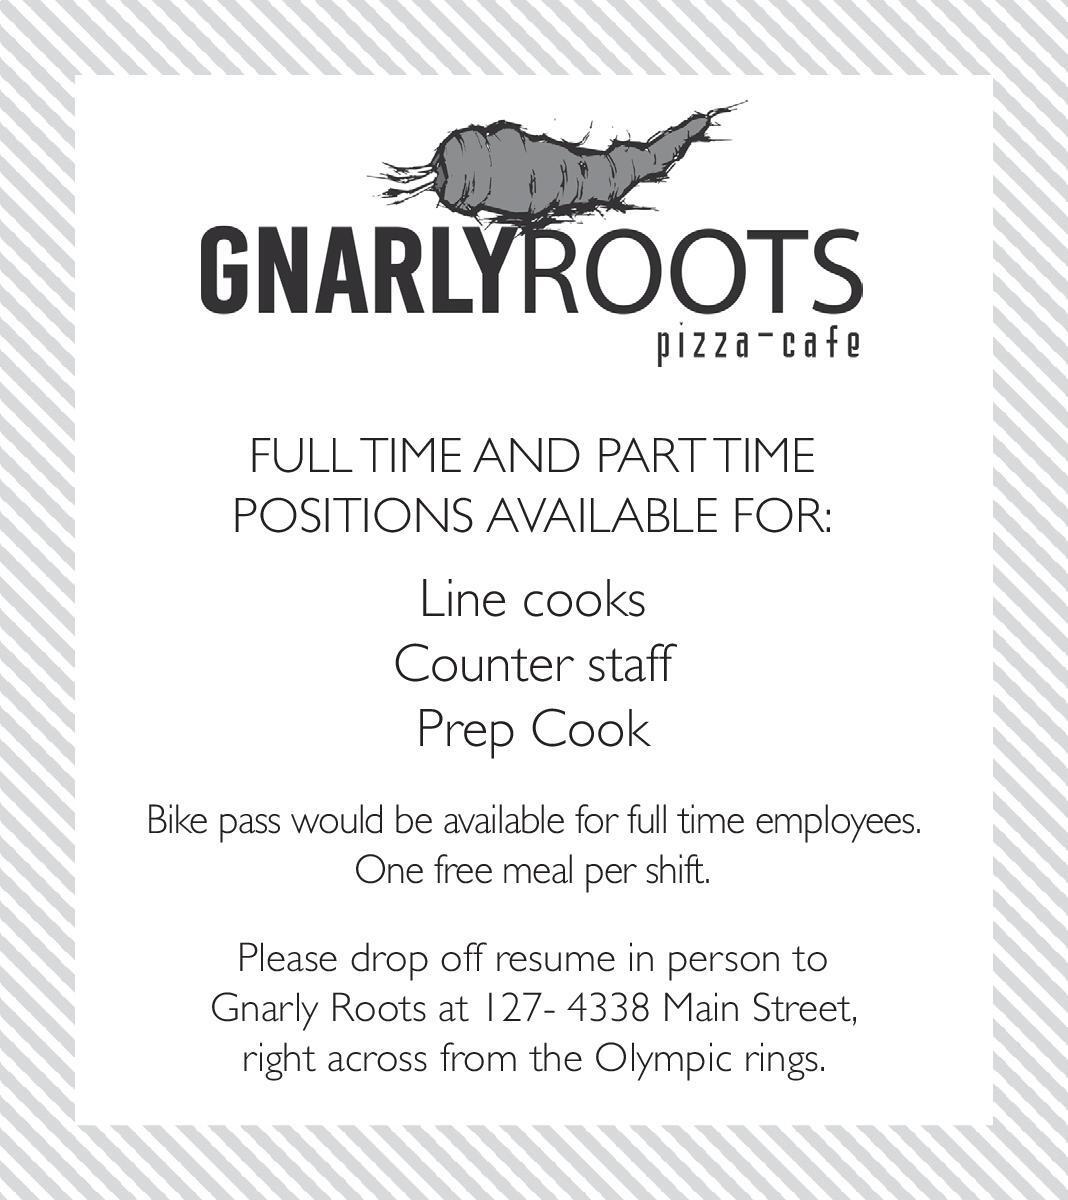 jobfind classifieds career opportunities prep cook